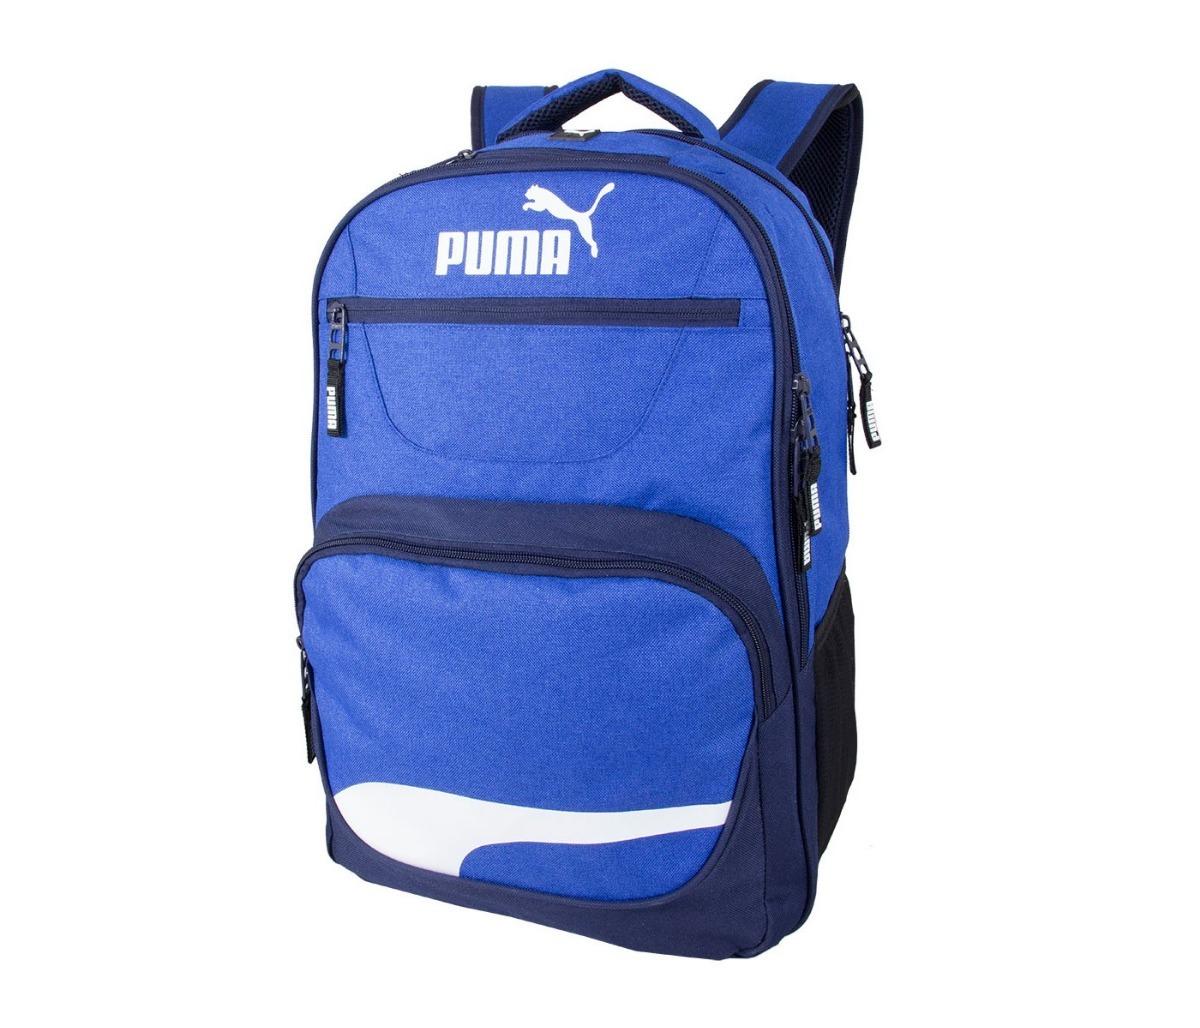 ... Mochila Puma Squad Para Laptop 100% Original - 850.00 en Mercado Libre  fec4d7ff811f25  mochila puma ferrari ... edf6c3c466e